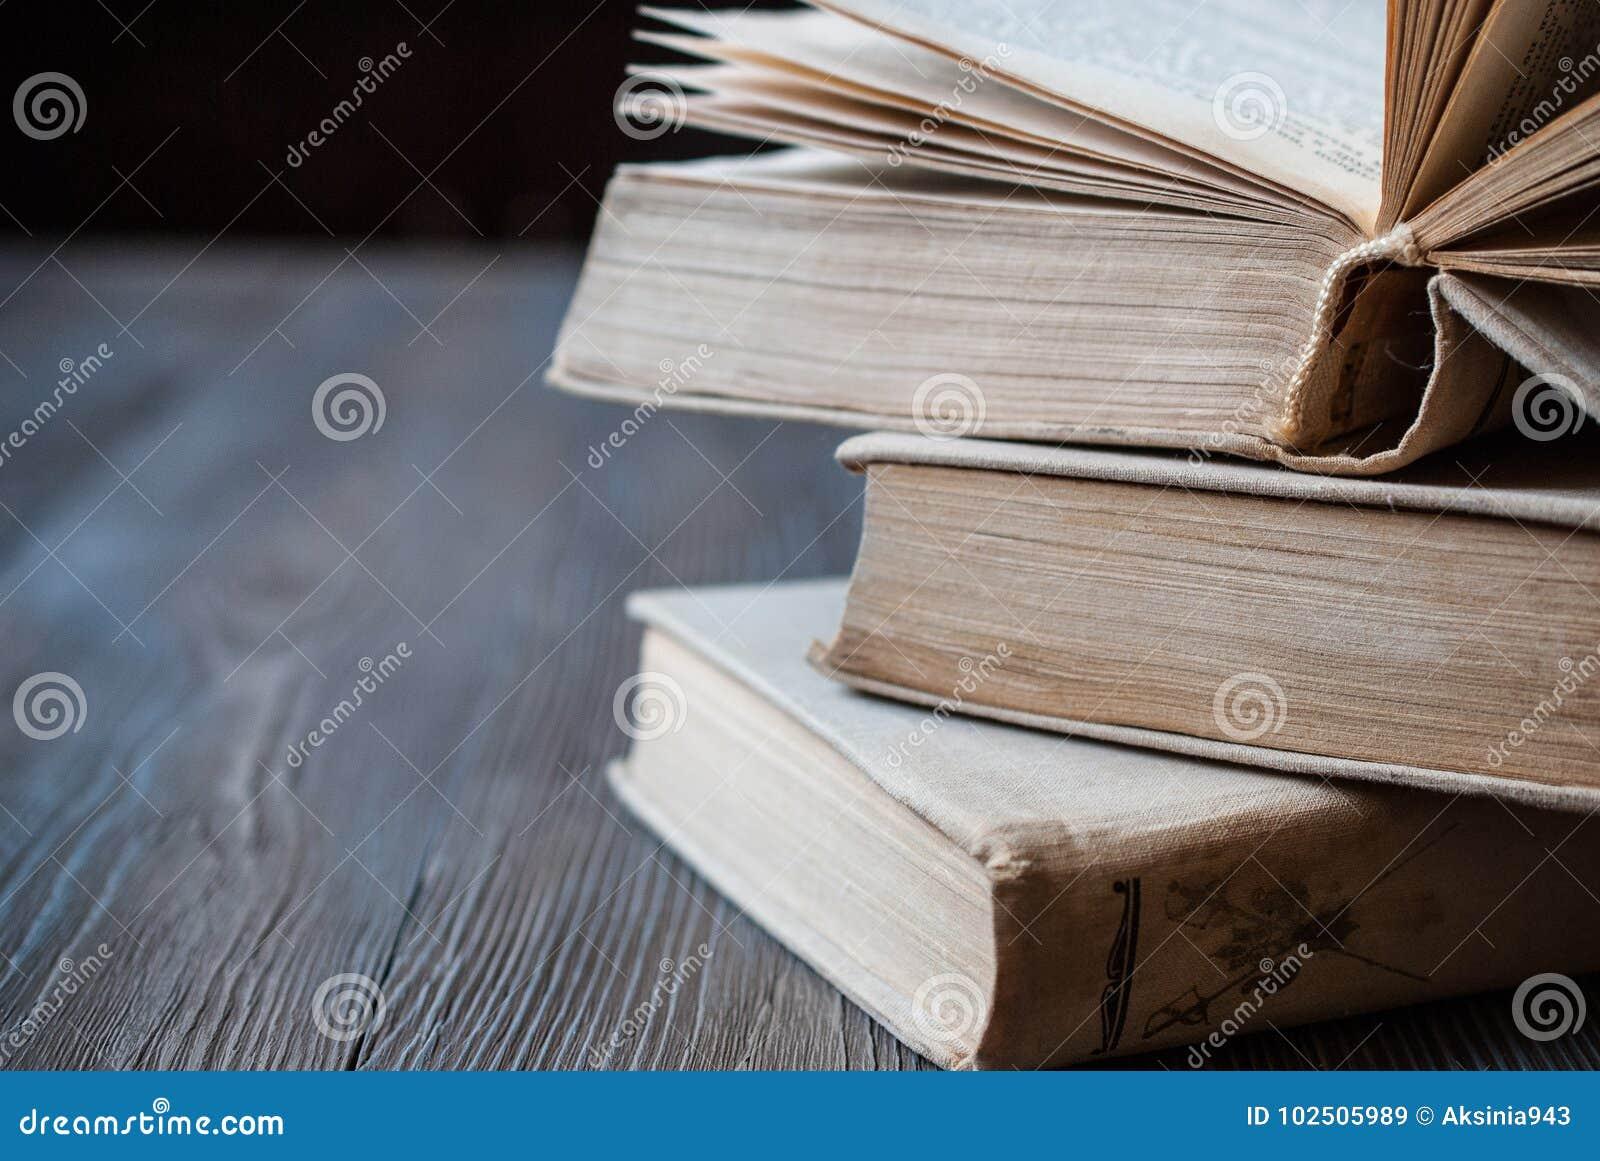 Βιβλία για την ανάγνωση, εκπαιδευτική λογοτεχνία